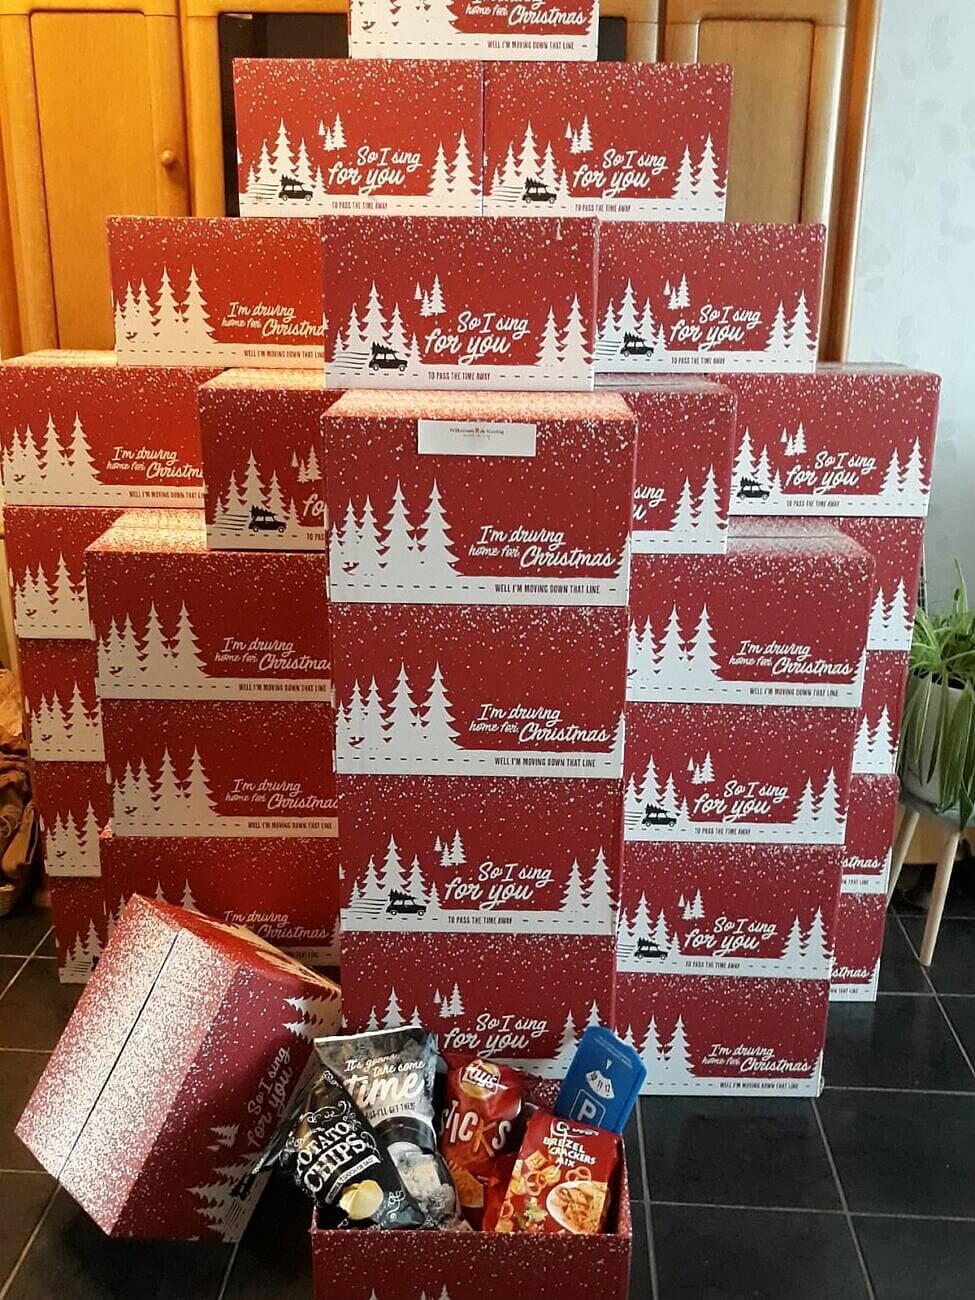 Willemsen – de Koning heeft kerstpakketten verstuurd